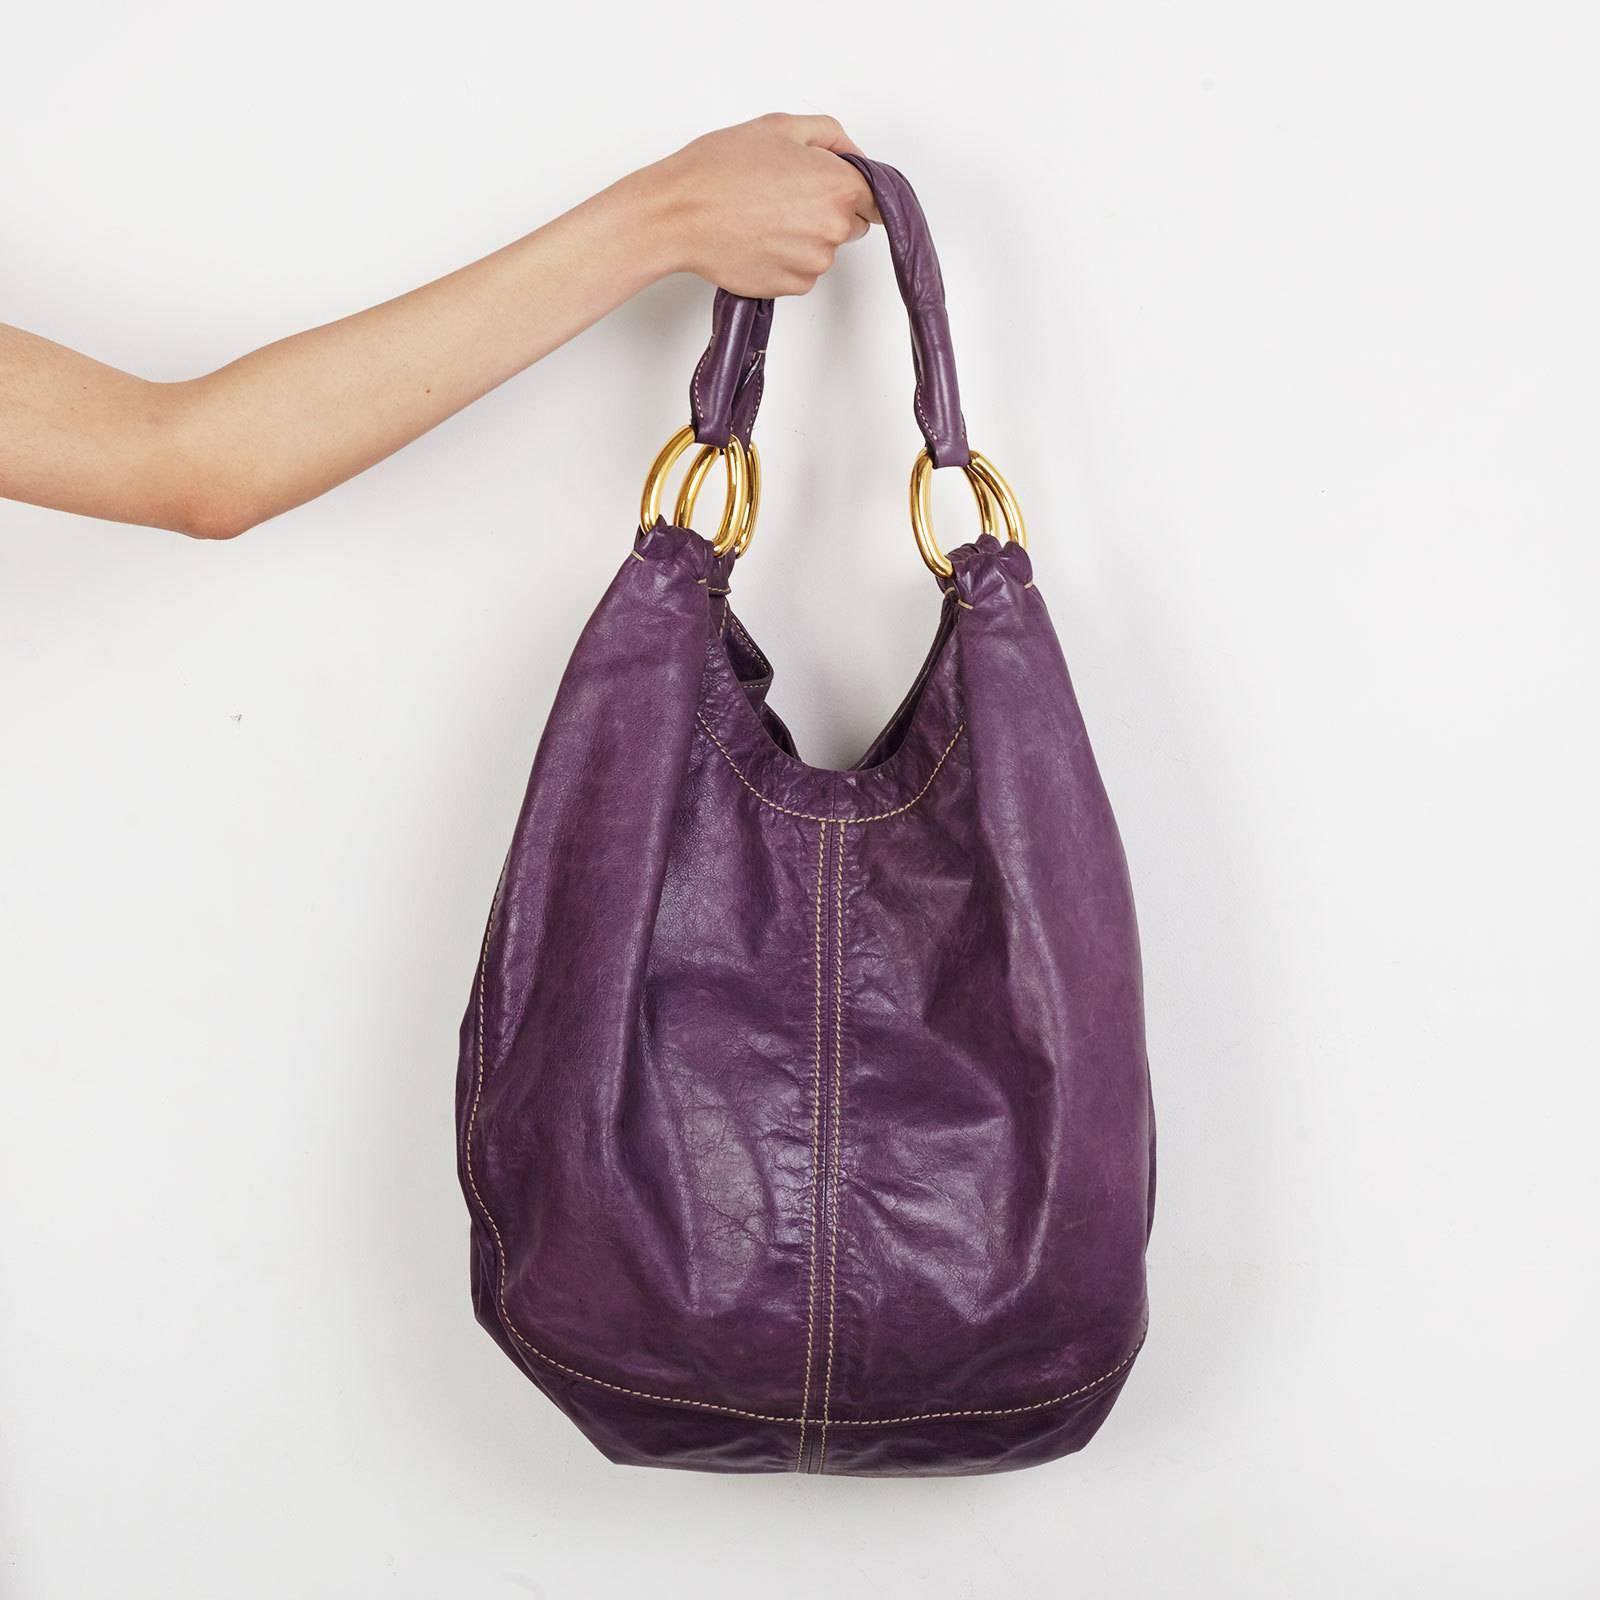 a0b9a47d1fed 7505f9ac421 Купить сумку Miu Miu в Москве с доставкой по цене 15000 рублей .